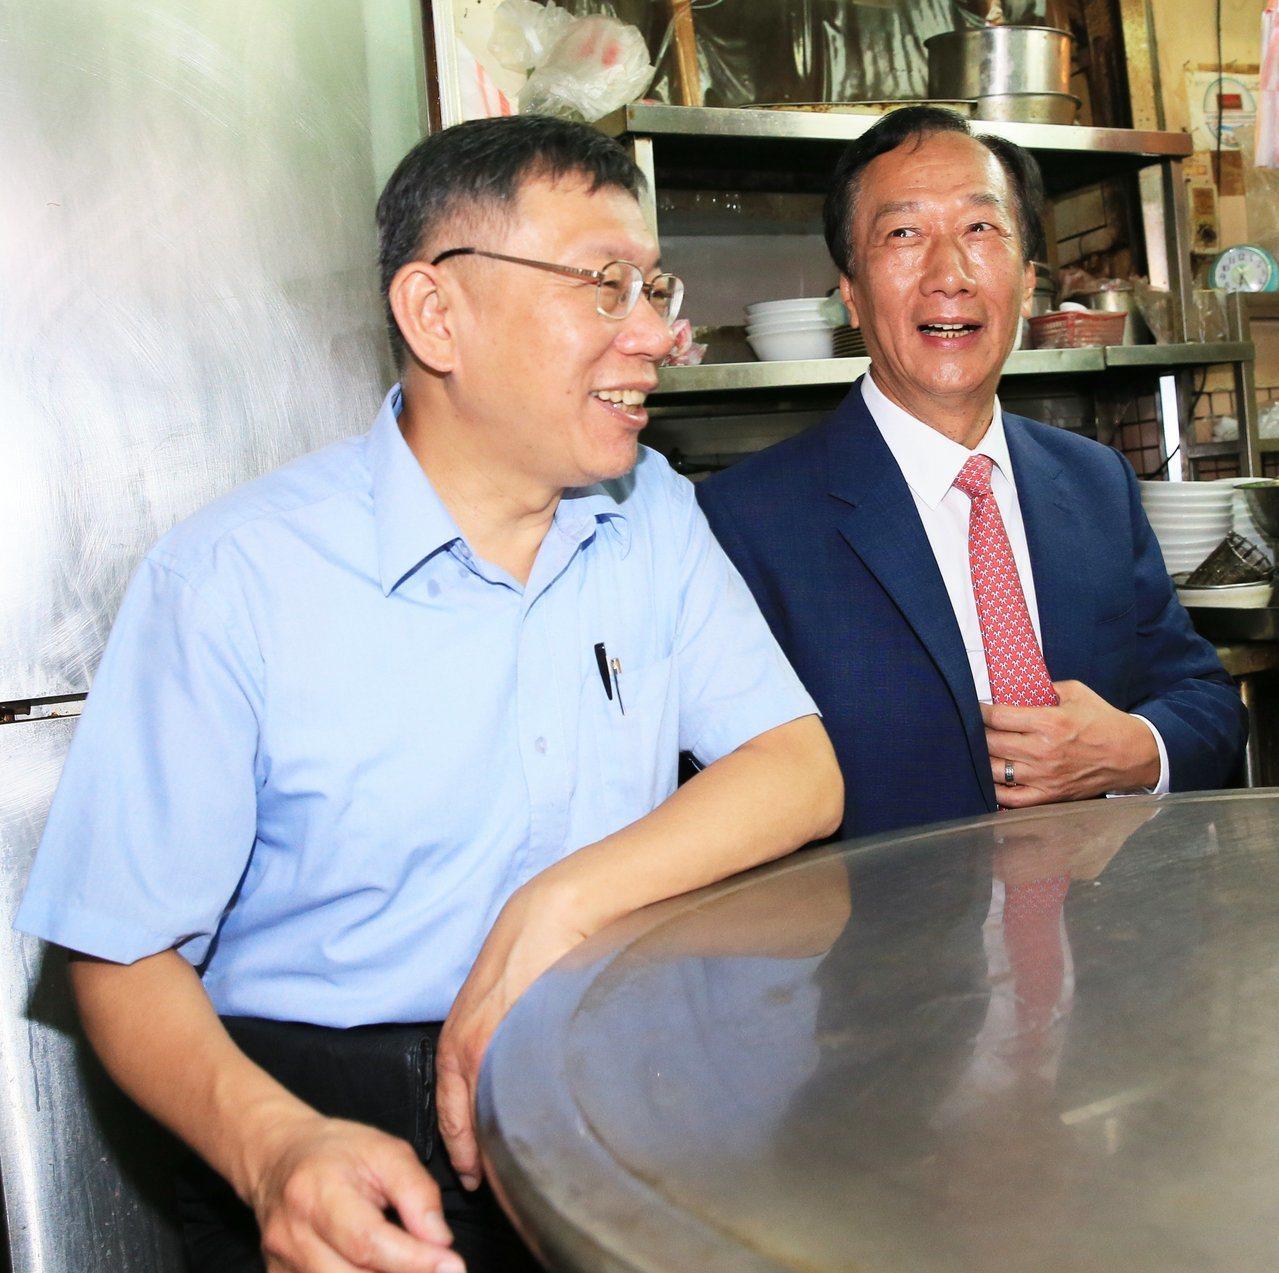 鴻海創辦人郭台銘與台北市長柯文哲9月14日在新竹同框。本報系資料照片